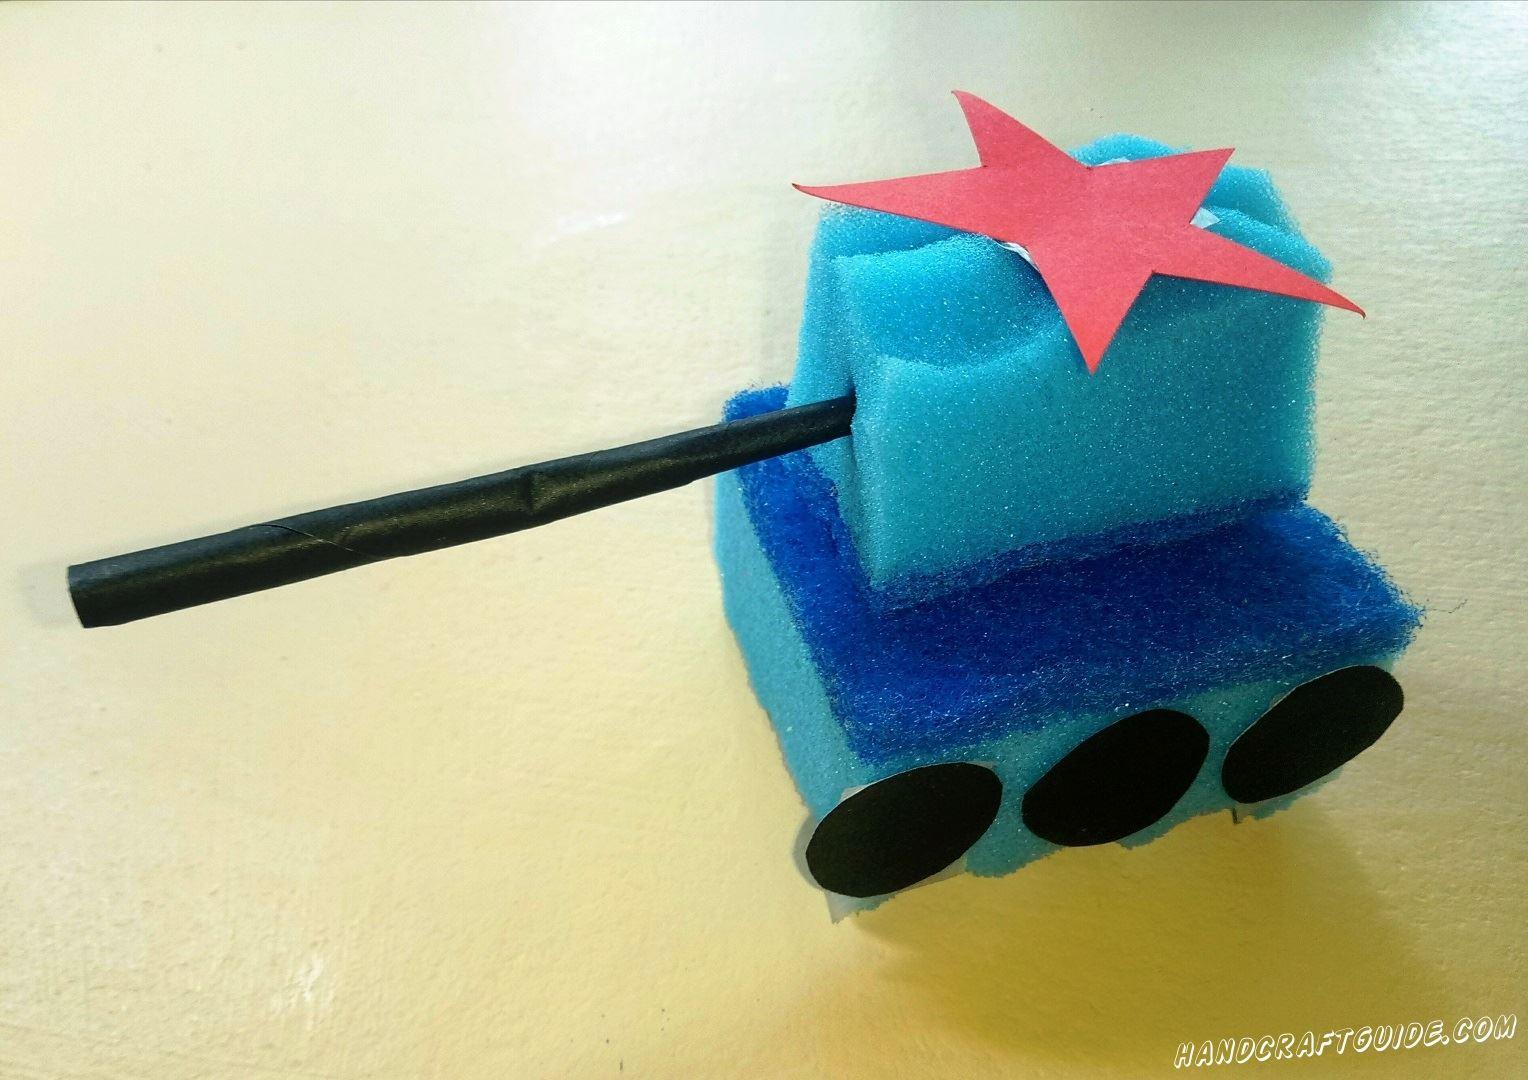 Отличная игрушка своими руками, получилась у нас!